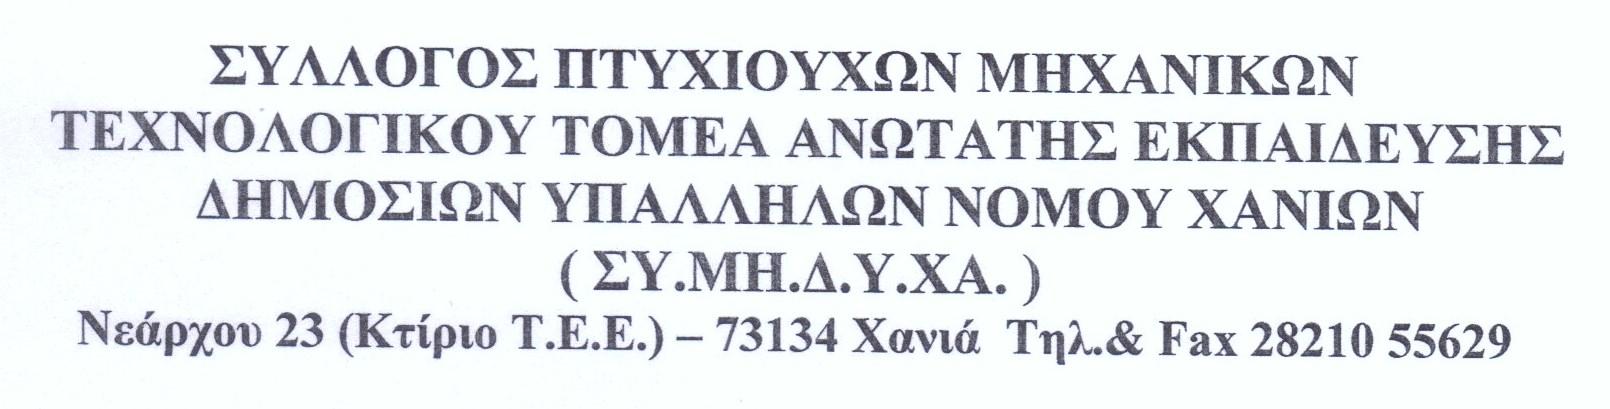 LOGO SYMIDIXA